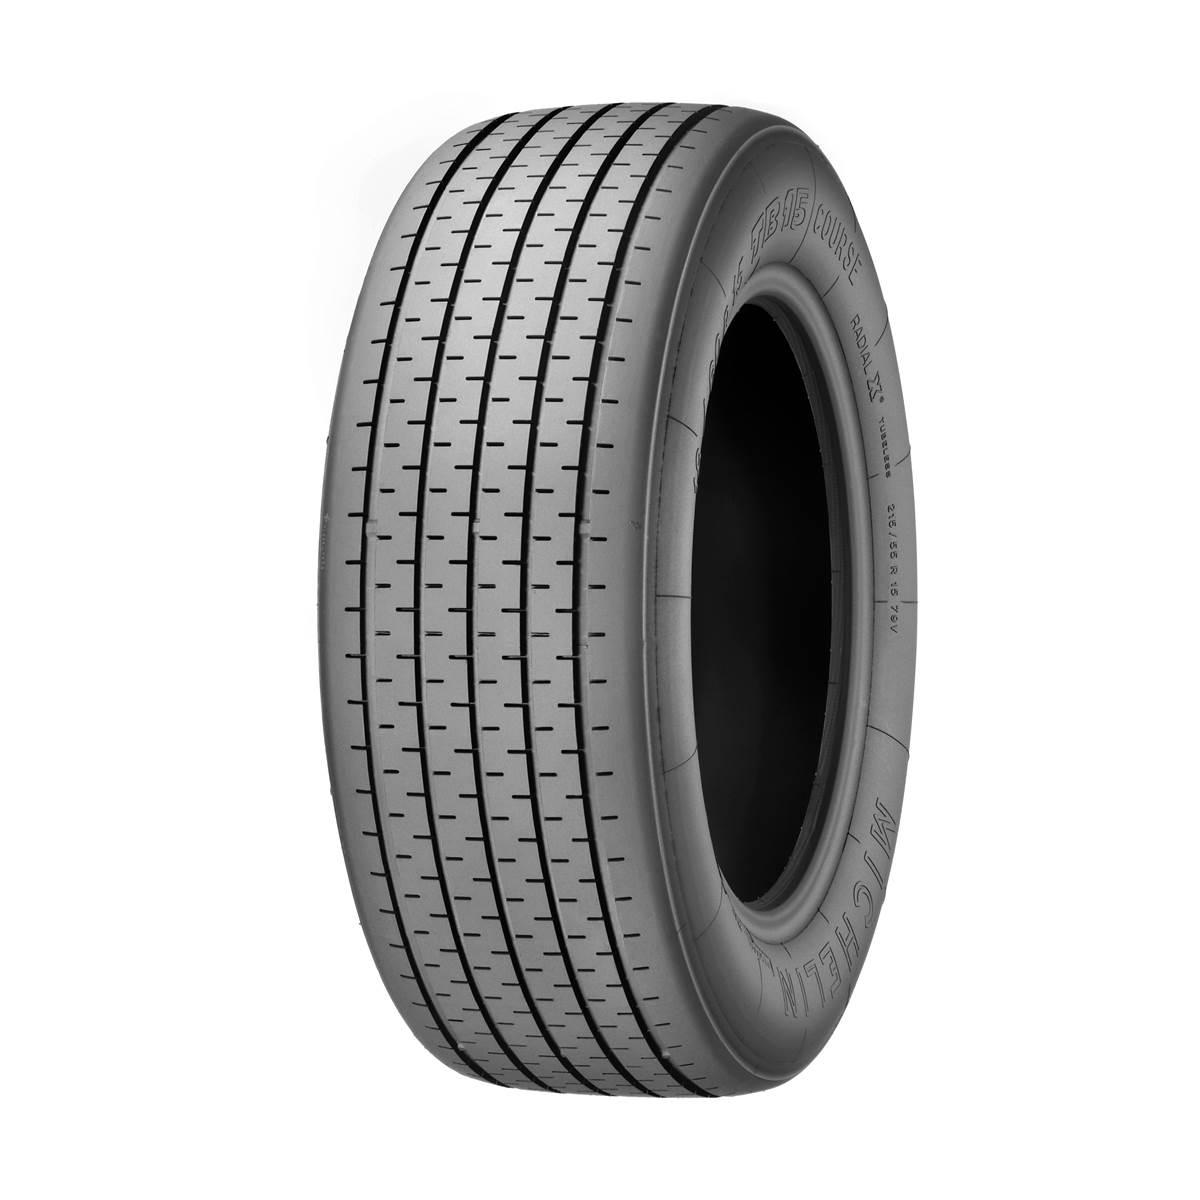 Pneu Michelin Collection 335/35R15 93V Tb15